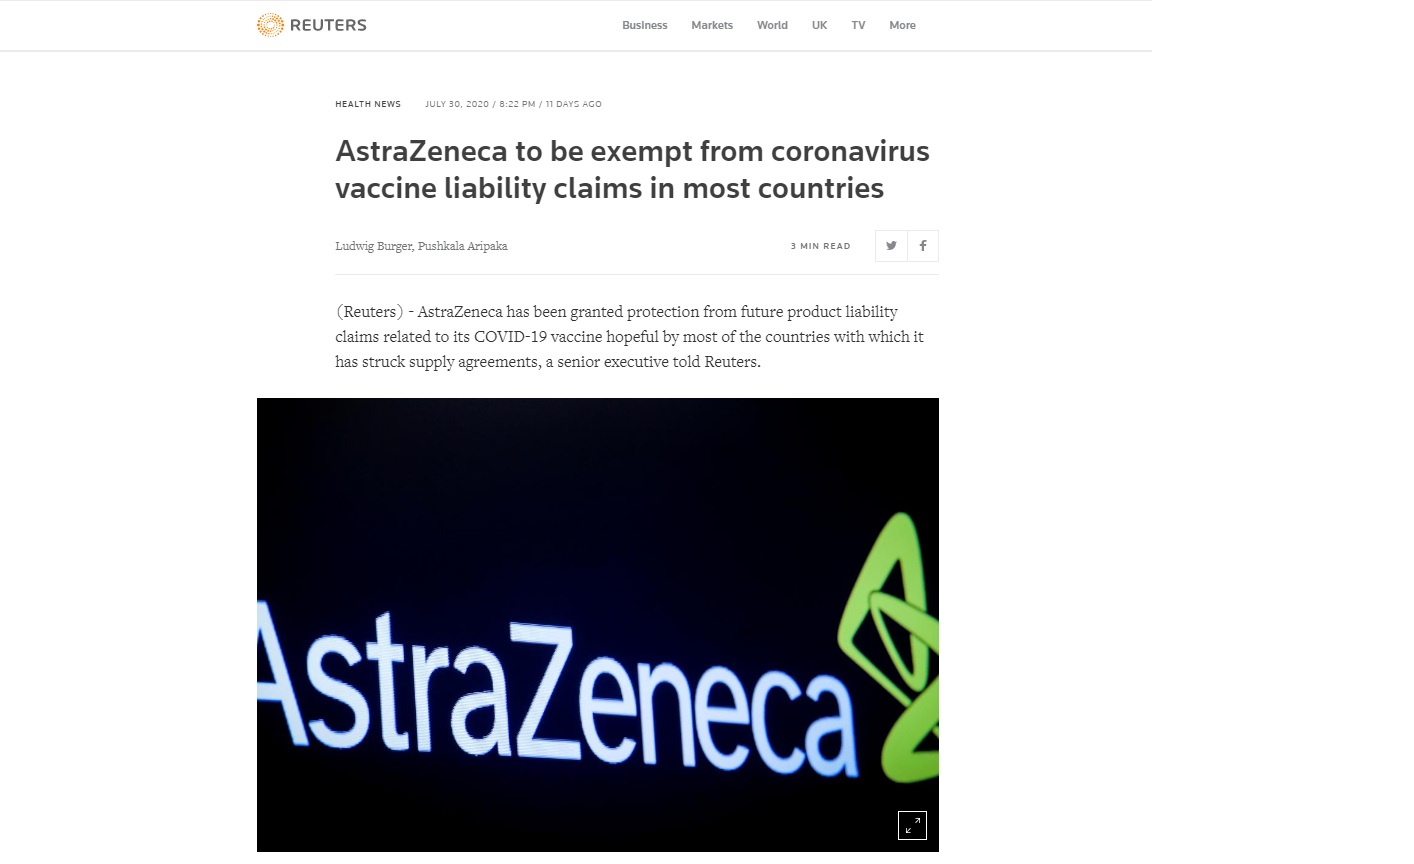 Спасайся кто может! — Представитель #AstraZeneca сообщил Reuters, что его компании предоставили защиту от всех судебных исков, если вакцина компании приведет к разрушительным побочным эффектам. (11.08.20)